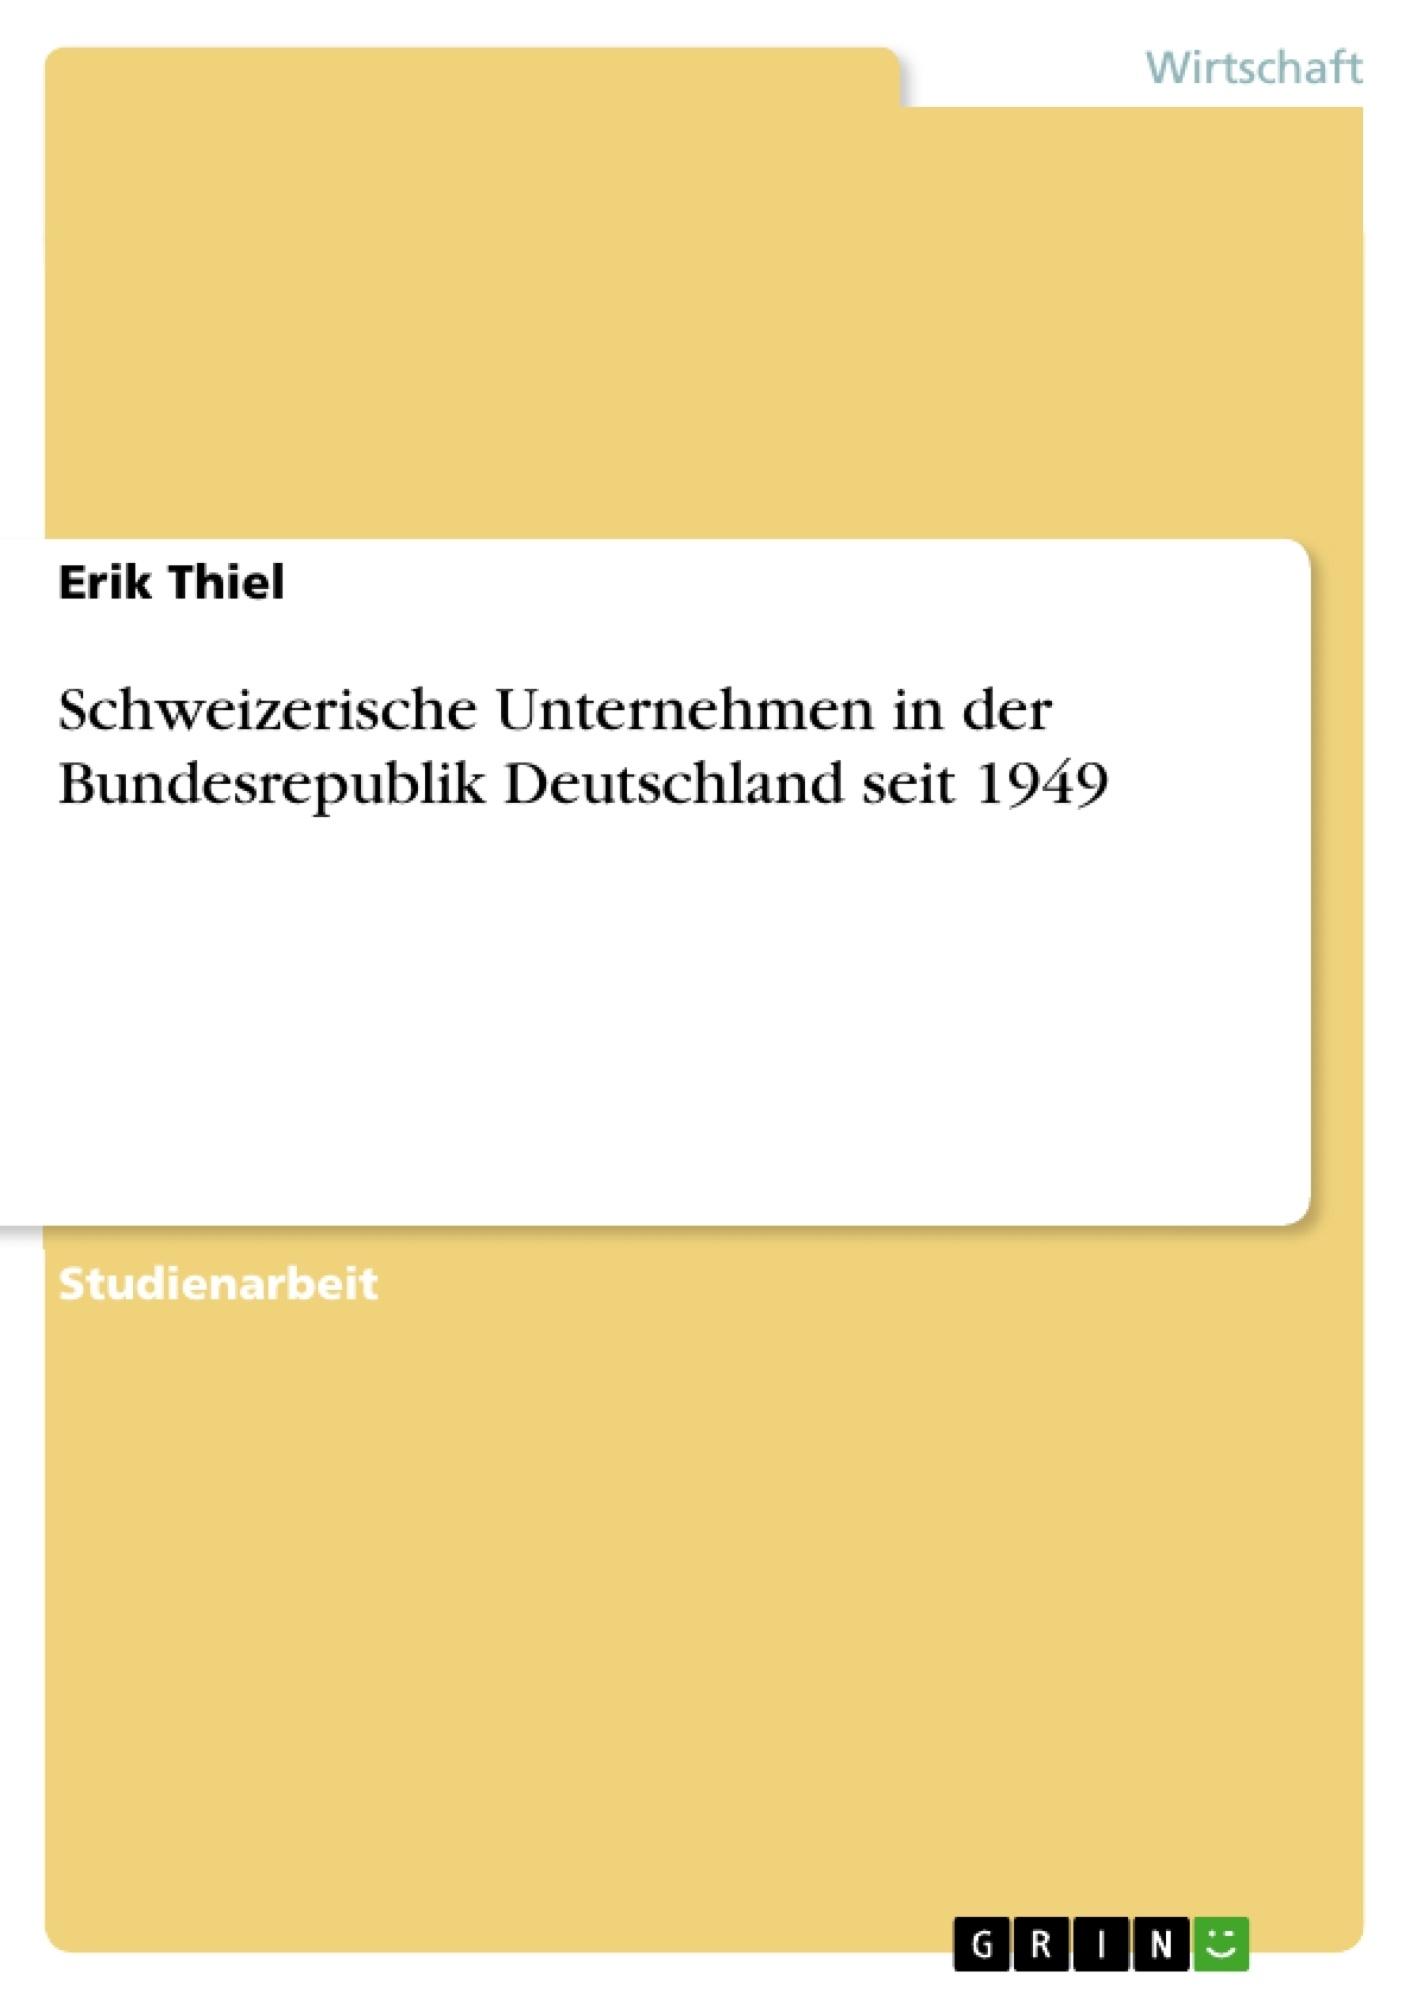 Titel: Schweizerische Unternehmen in der Bundesrepublik Deutschland seit 1949